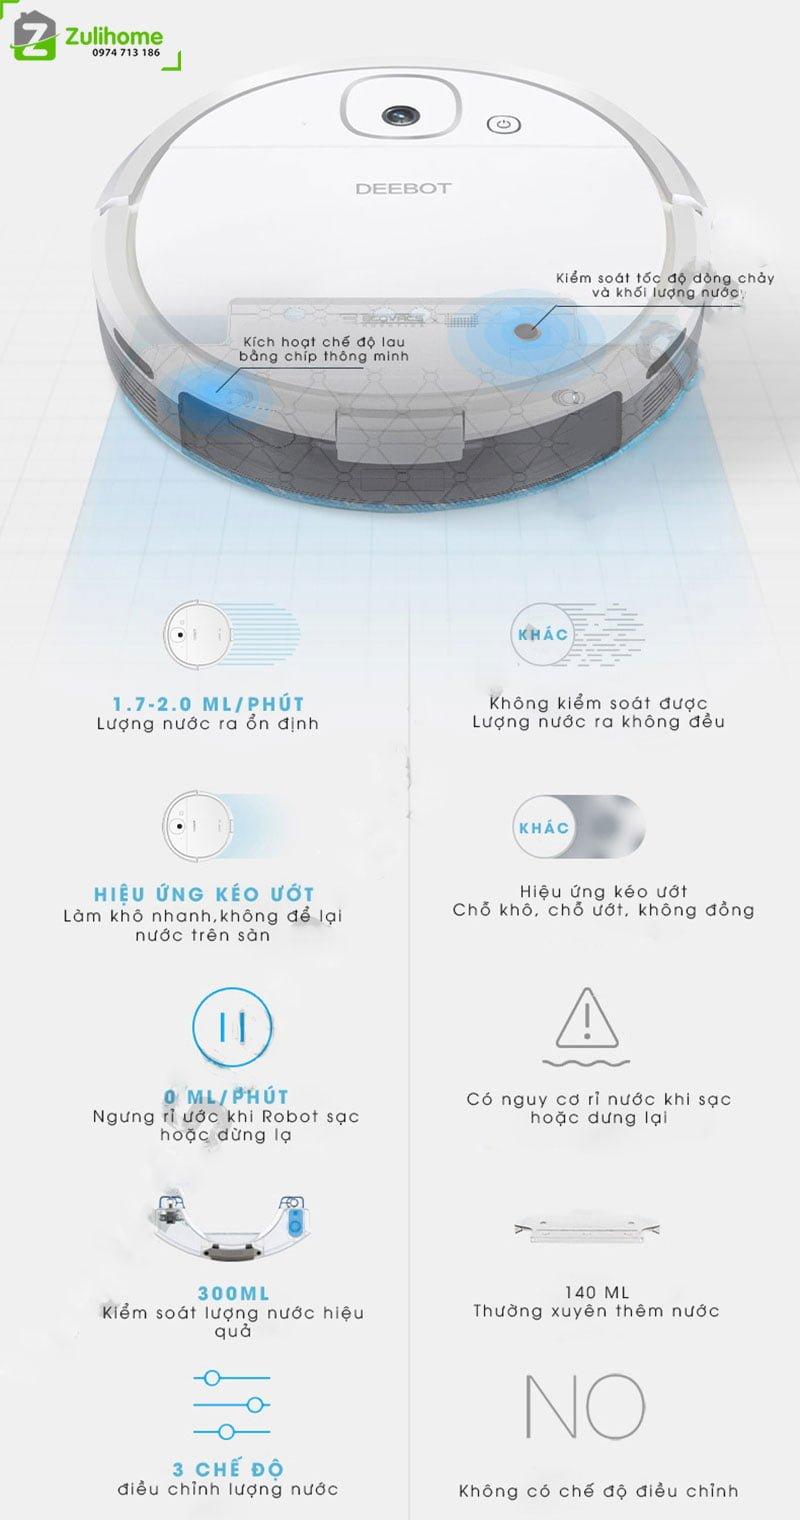 robot hut bui ecovacs deebot dj35 zulihome 9 Tháng Sáu 4th, 2020